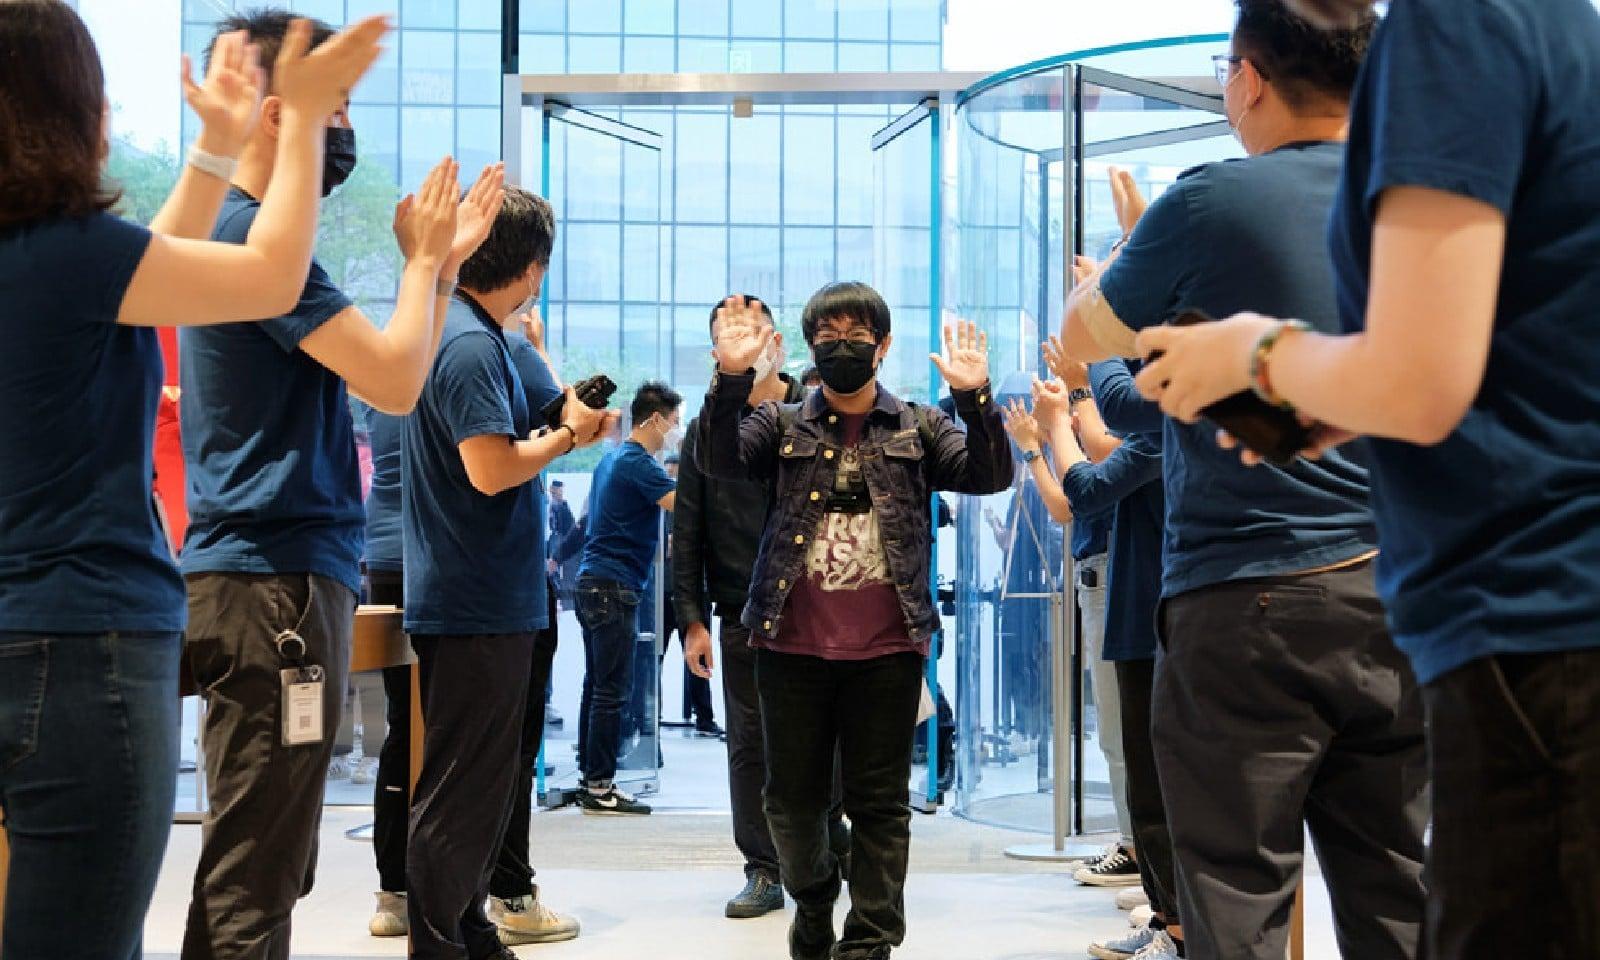 بیجنگ میں آئی فون خریدنے والے صارفین کی خوشی، فوٹو بشکریہ ایپل